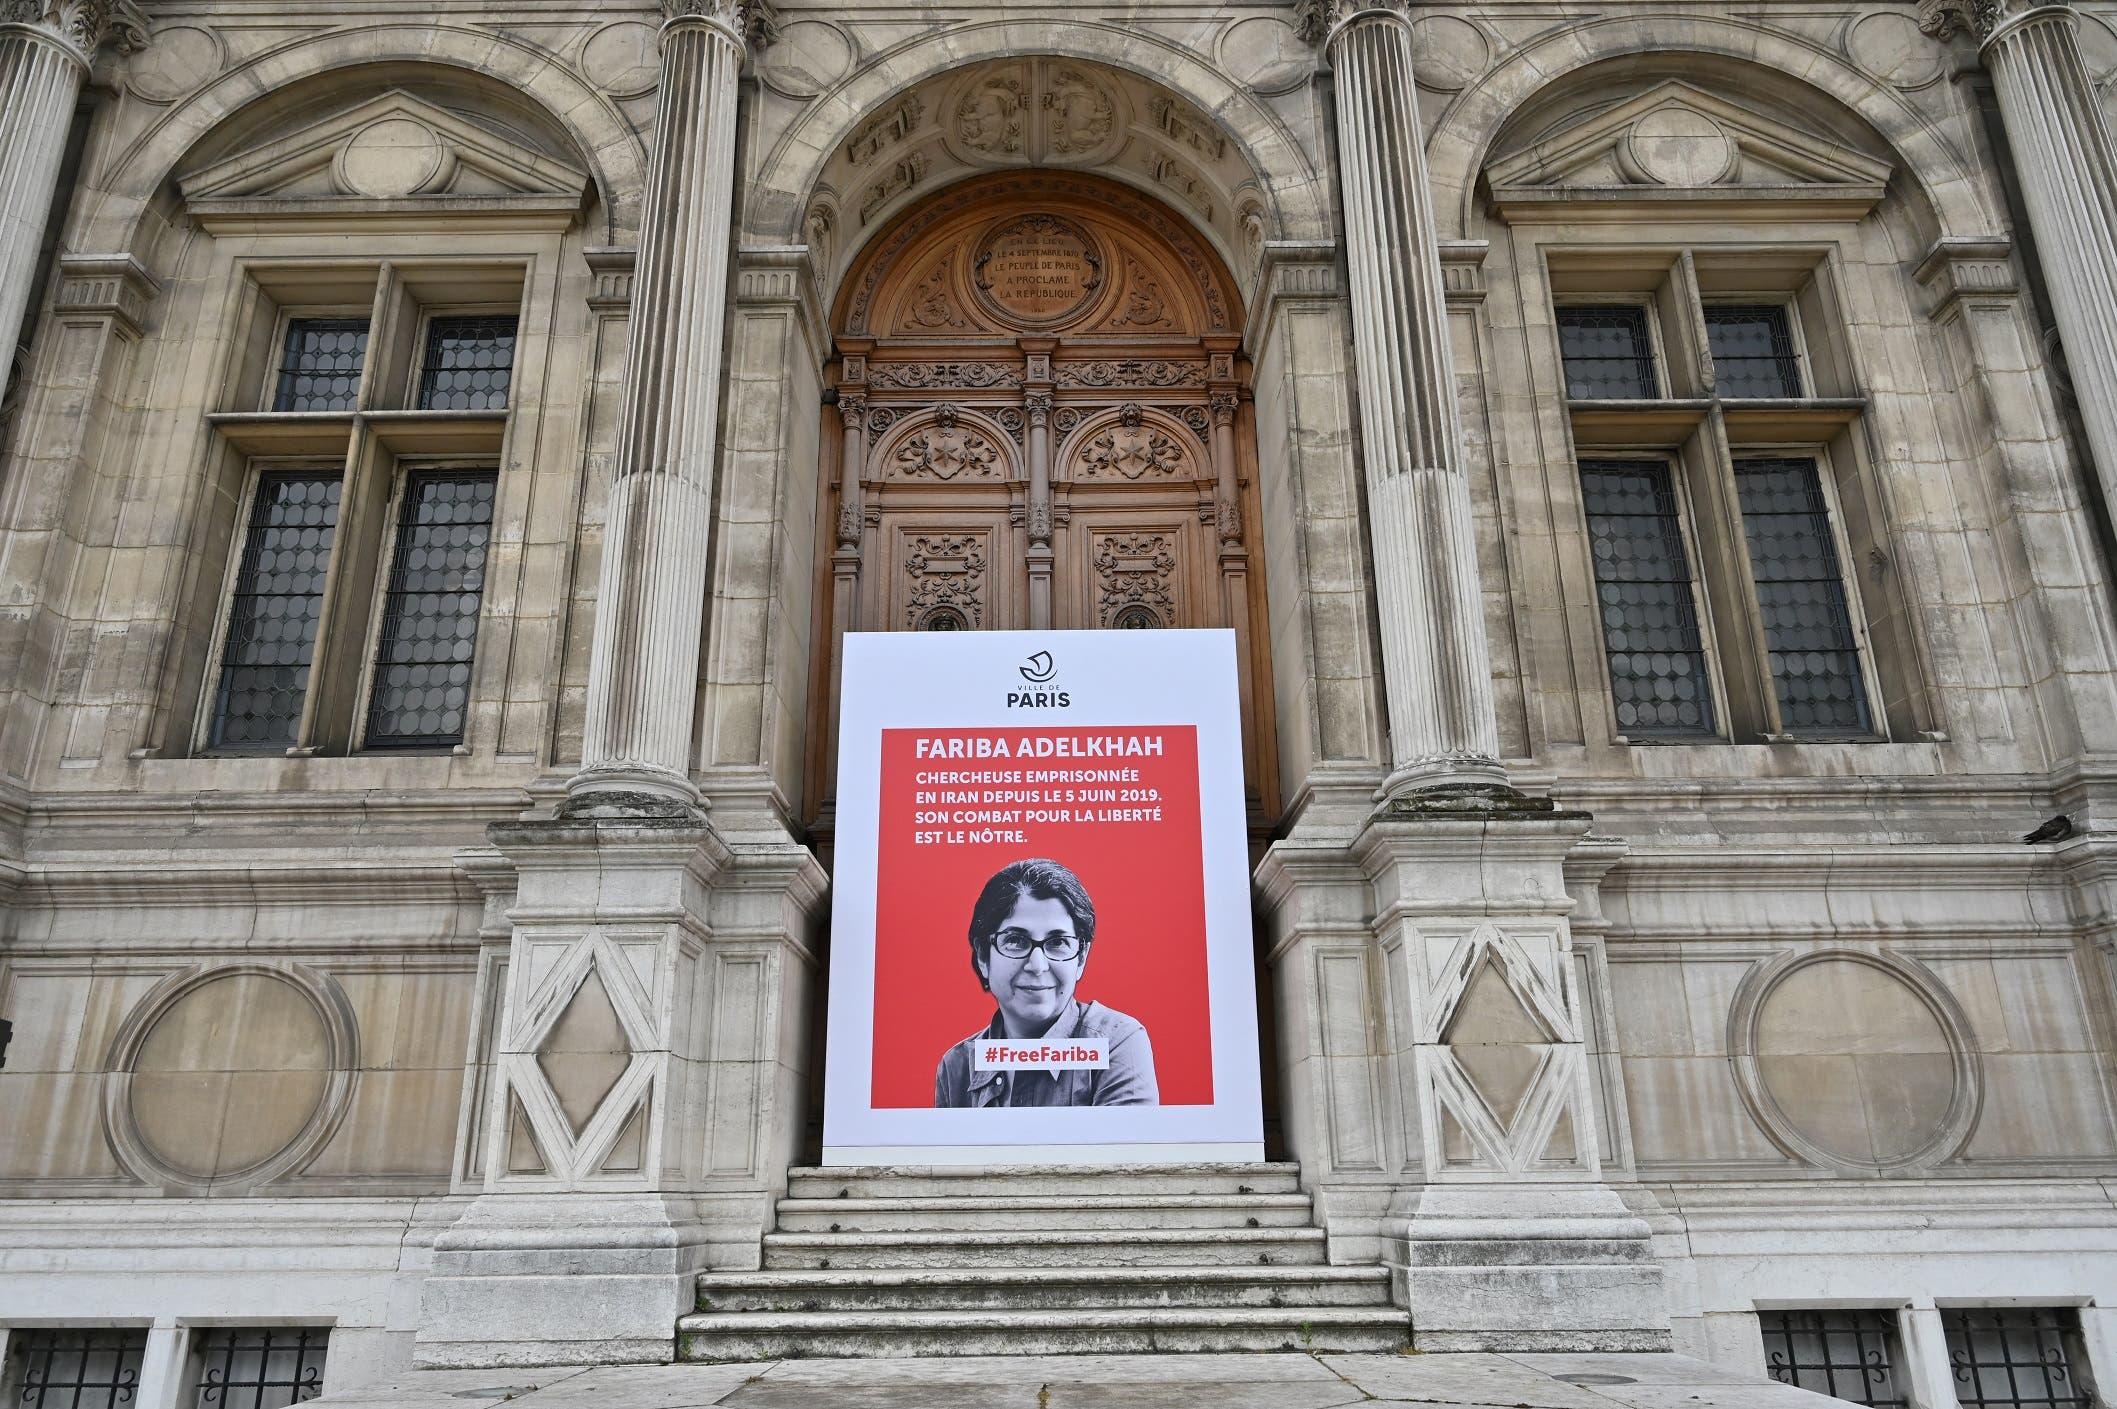 لافتة تطالب بالحرية لفاريبا عادلخاه أمام بلدية باريس (أرشيفية)